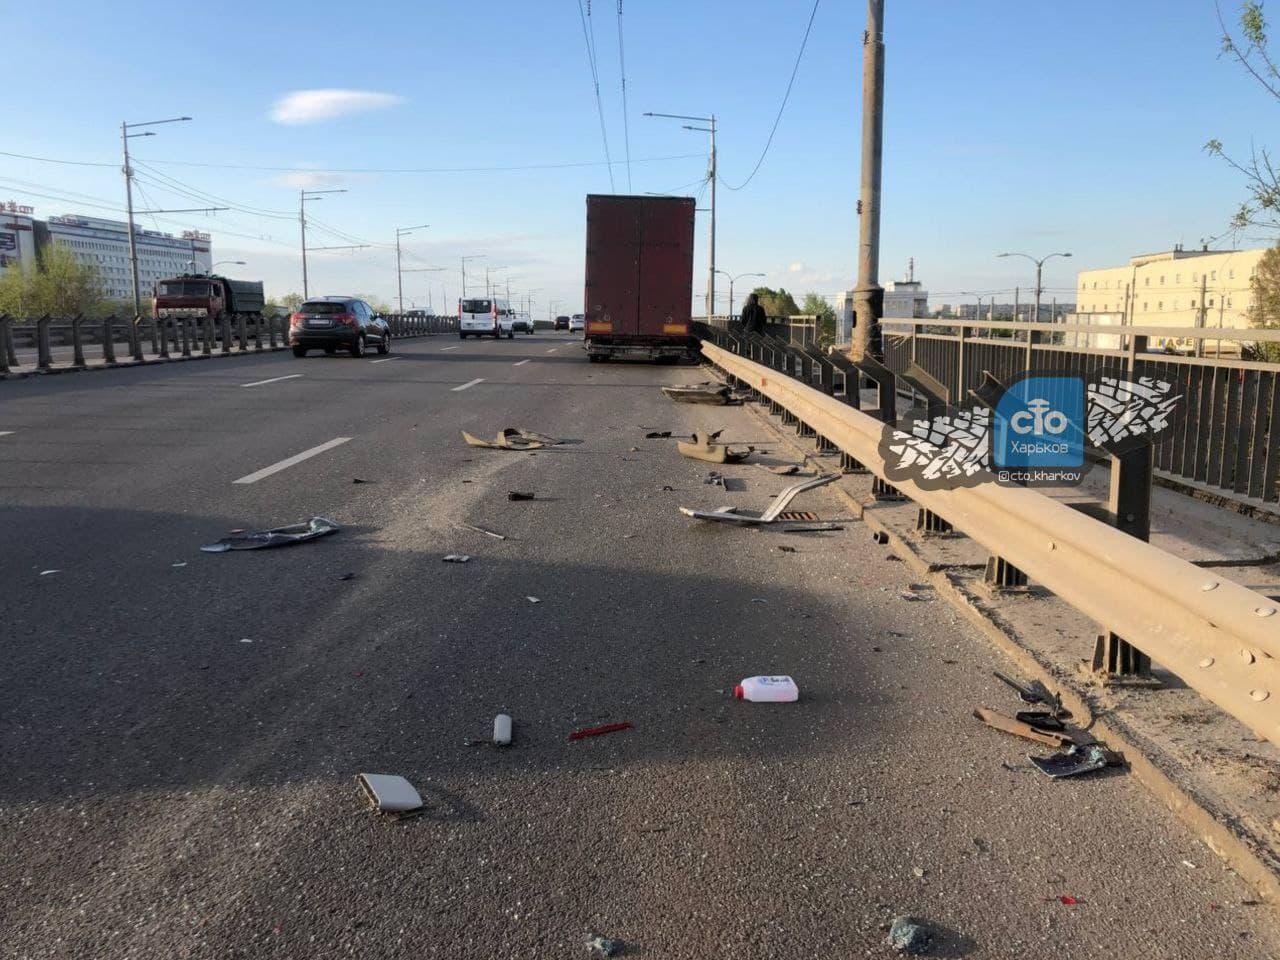 ДТП в Харькове: машина смялась в «квадрат», есть пострадавшие (фото, видео)